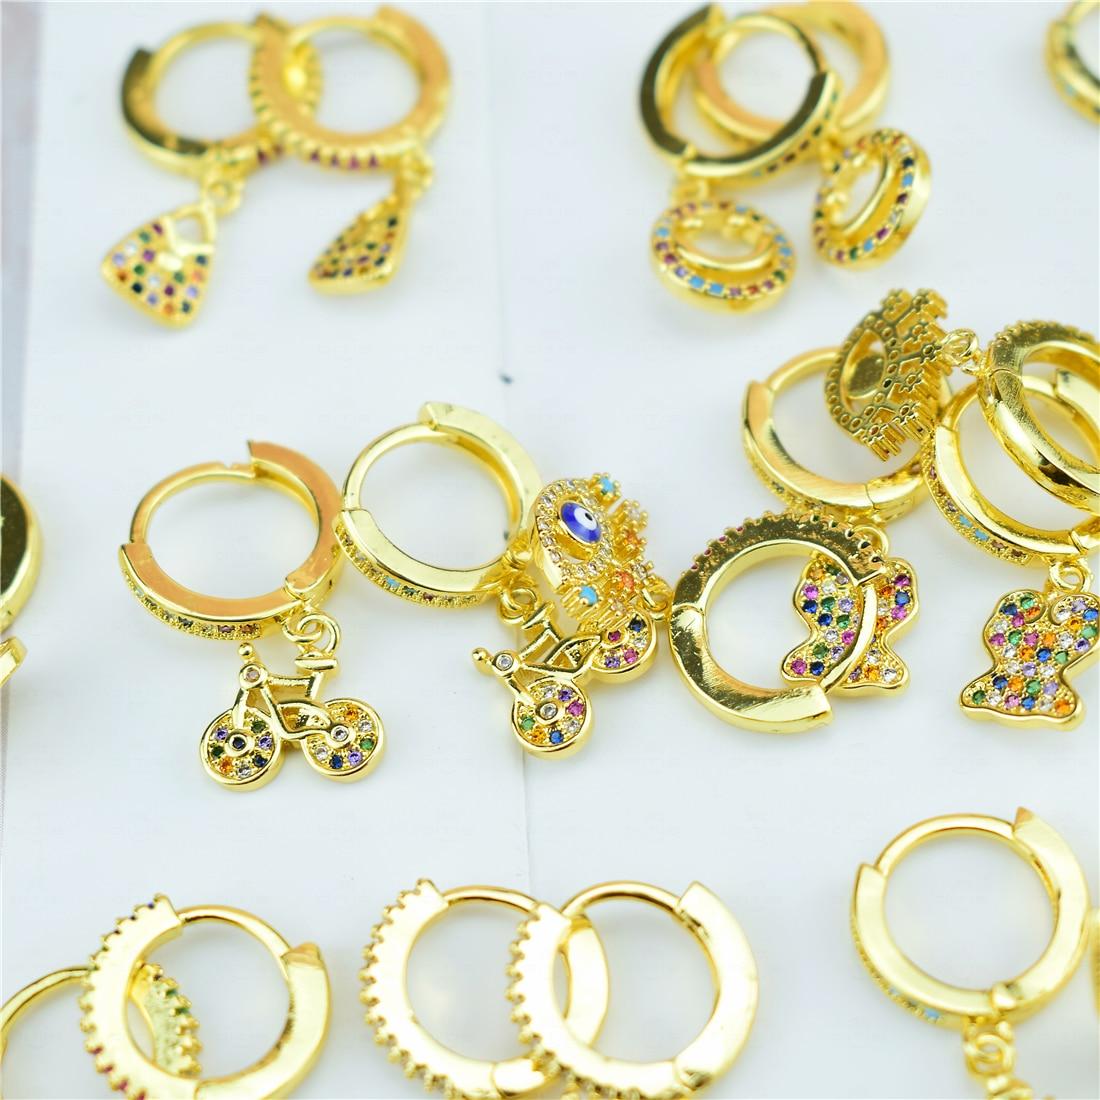 Lovely Cubic Zircon Earrings Biker Cute Tiny Bike Bicycle Stud Earrings for Women Gifts Crystal Ear Jewelry 2020 New Trend